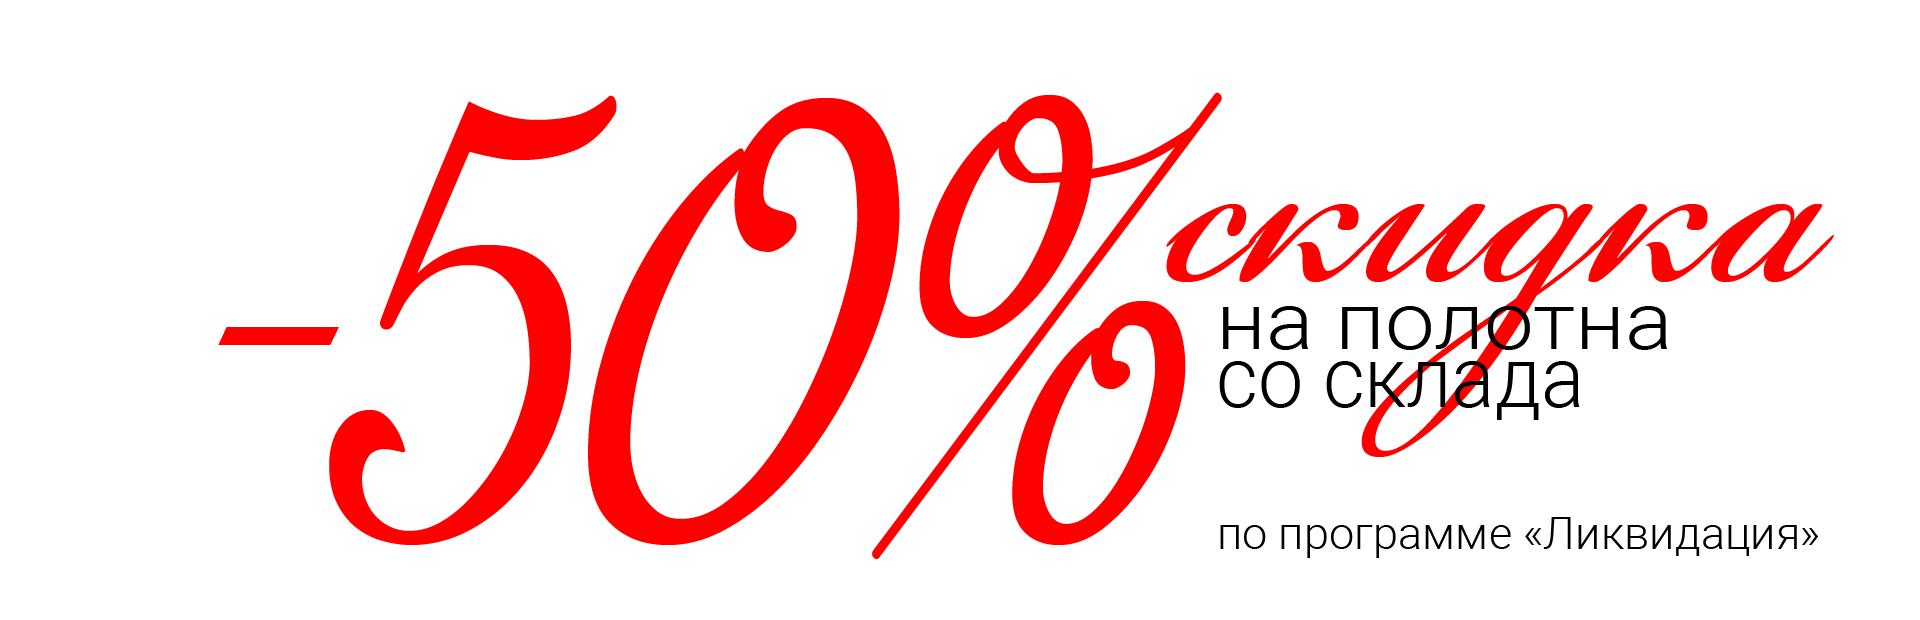 50% скидка на двери со склада